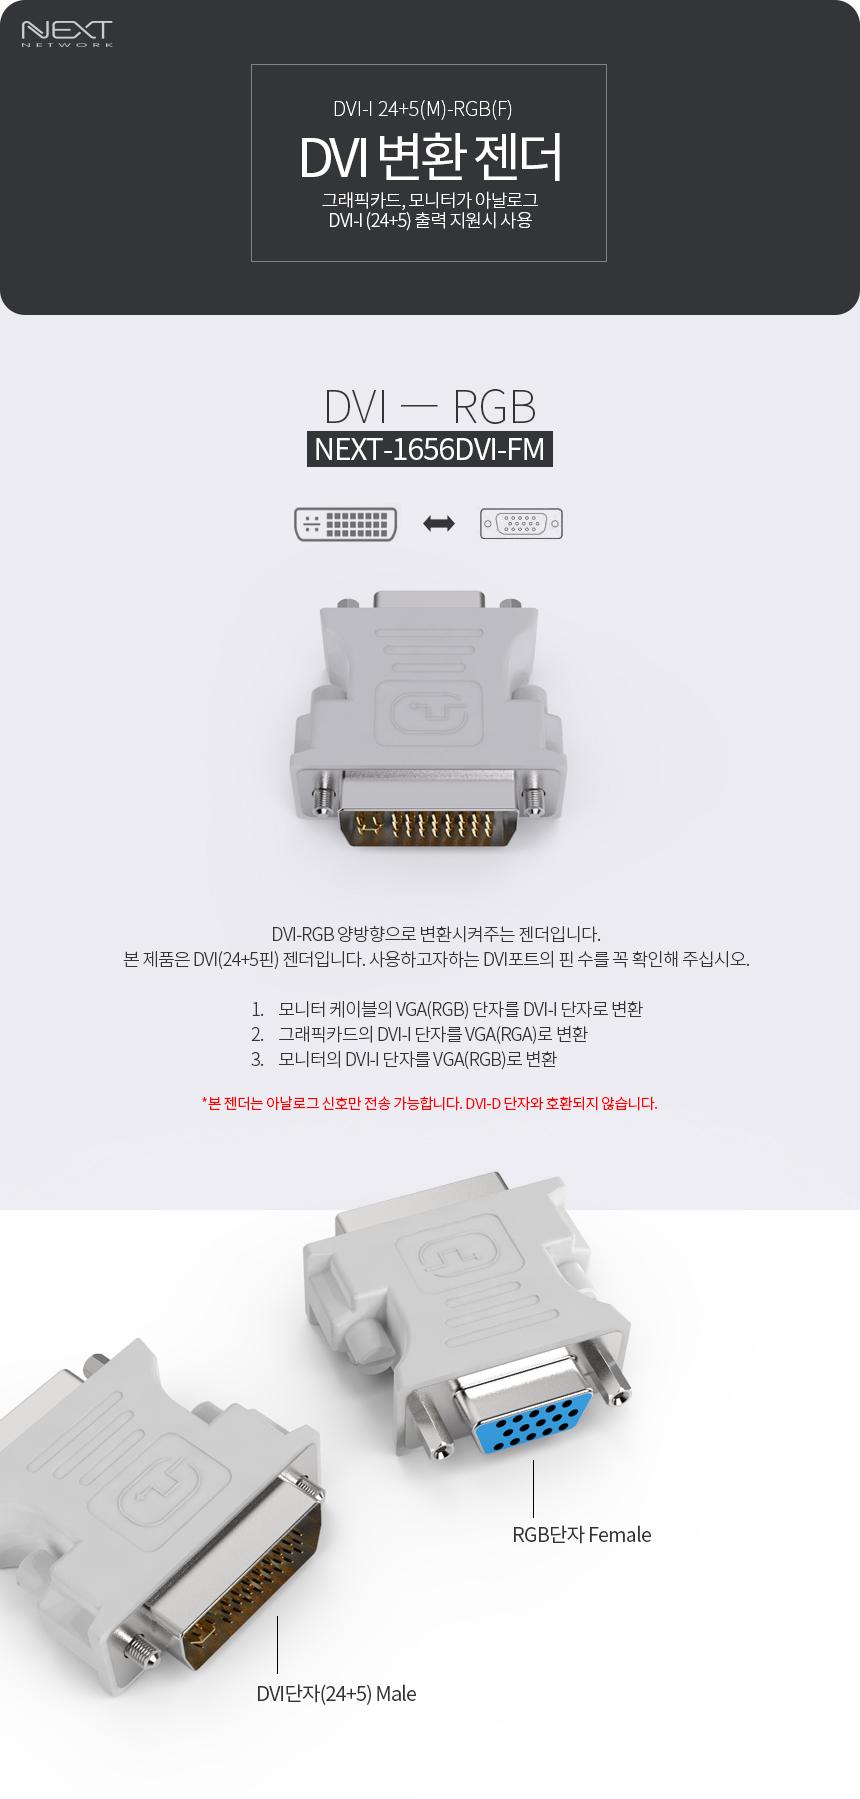 이지넷유비쿼터스 넥스트 DVI to RGB 변환 젠더 (NEXT-1656DVI-FM)